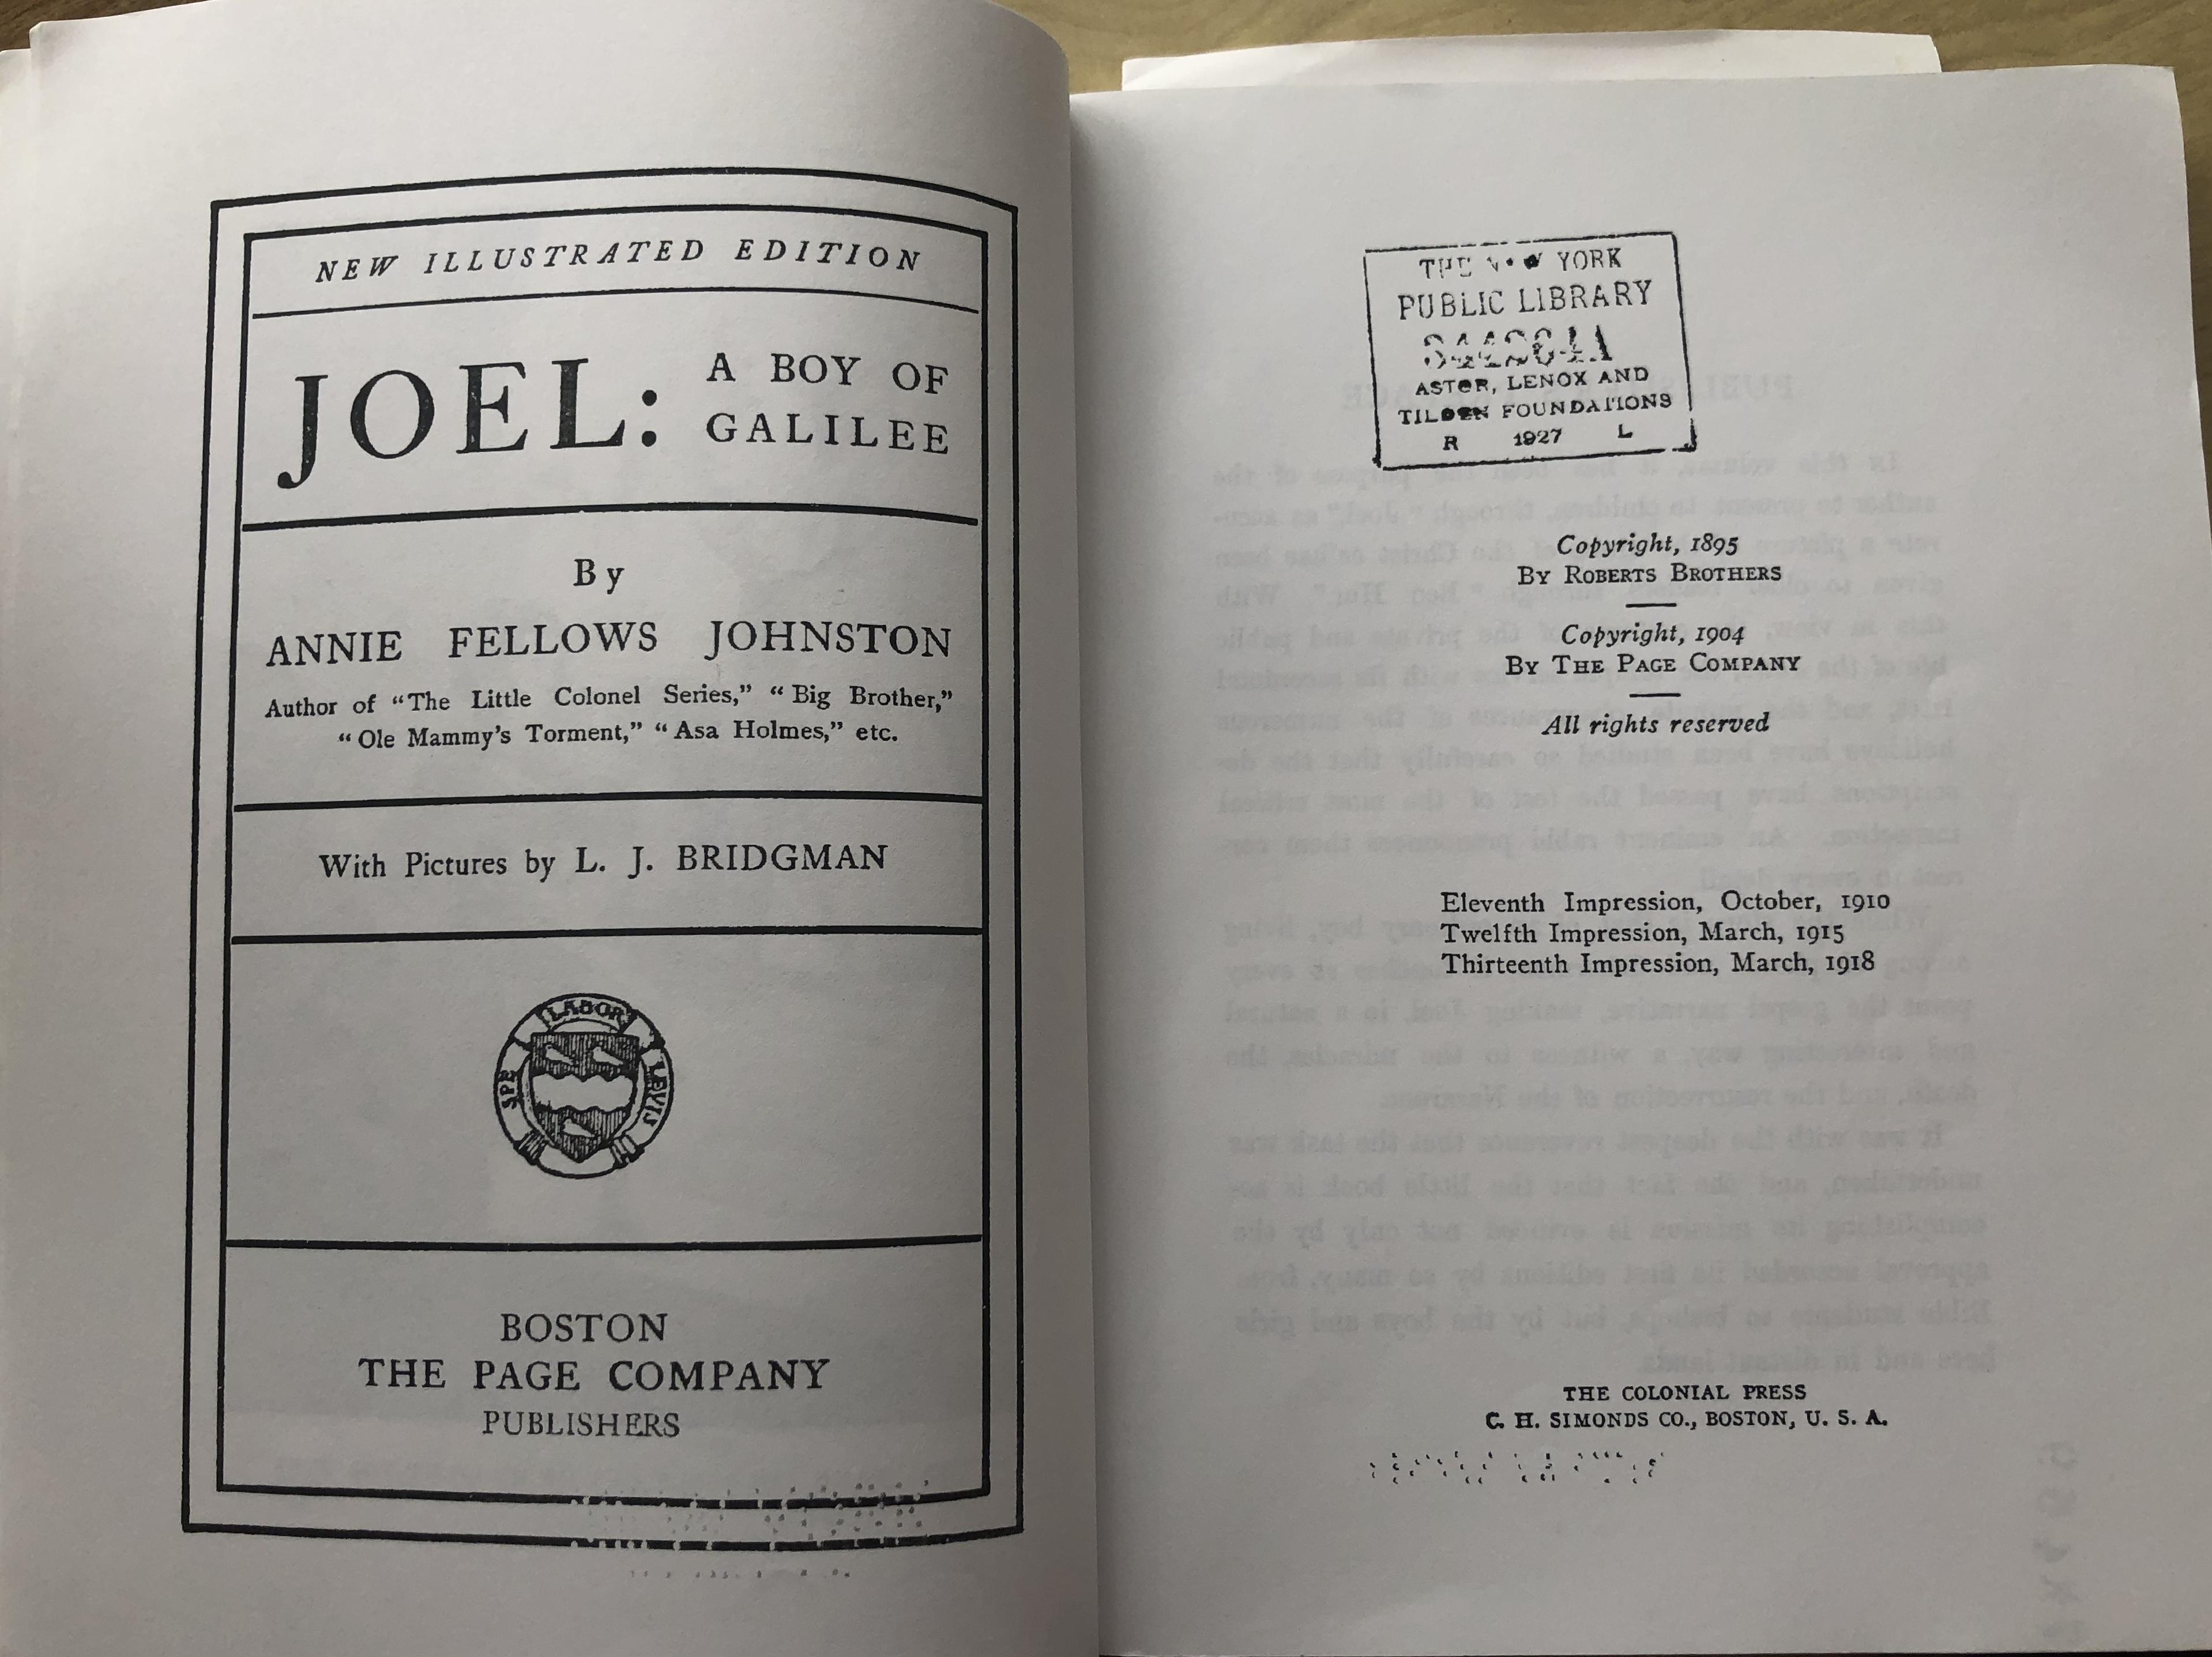 joel2